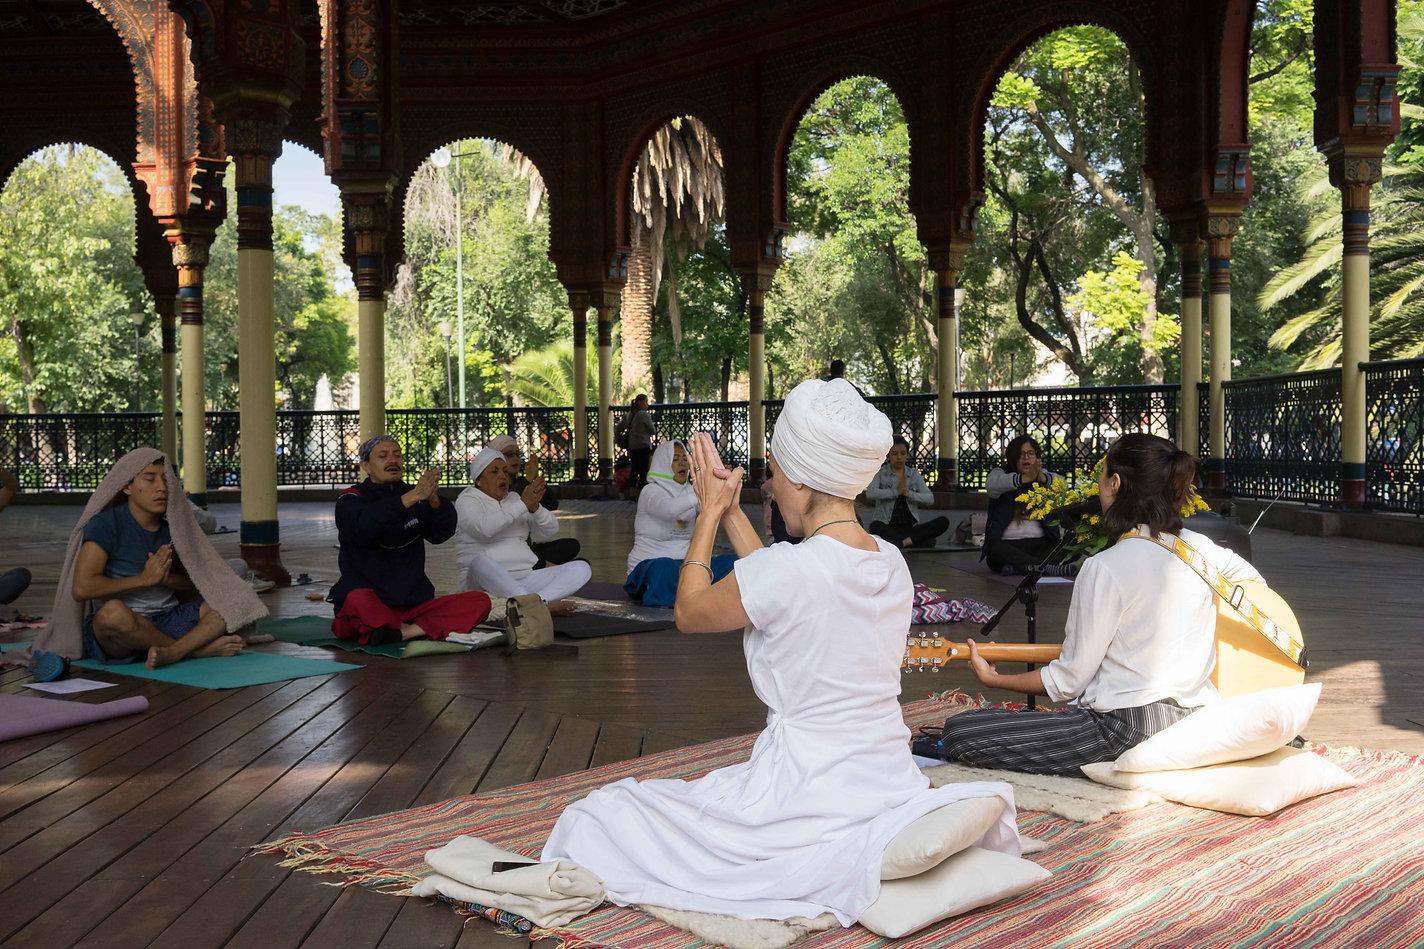 Maestra de Kundalini Yoga en frente de alumnos realizando meditación con las palmas juntas